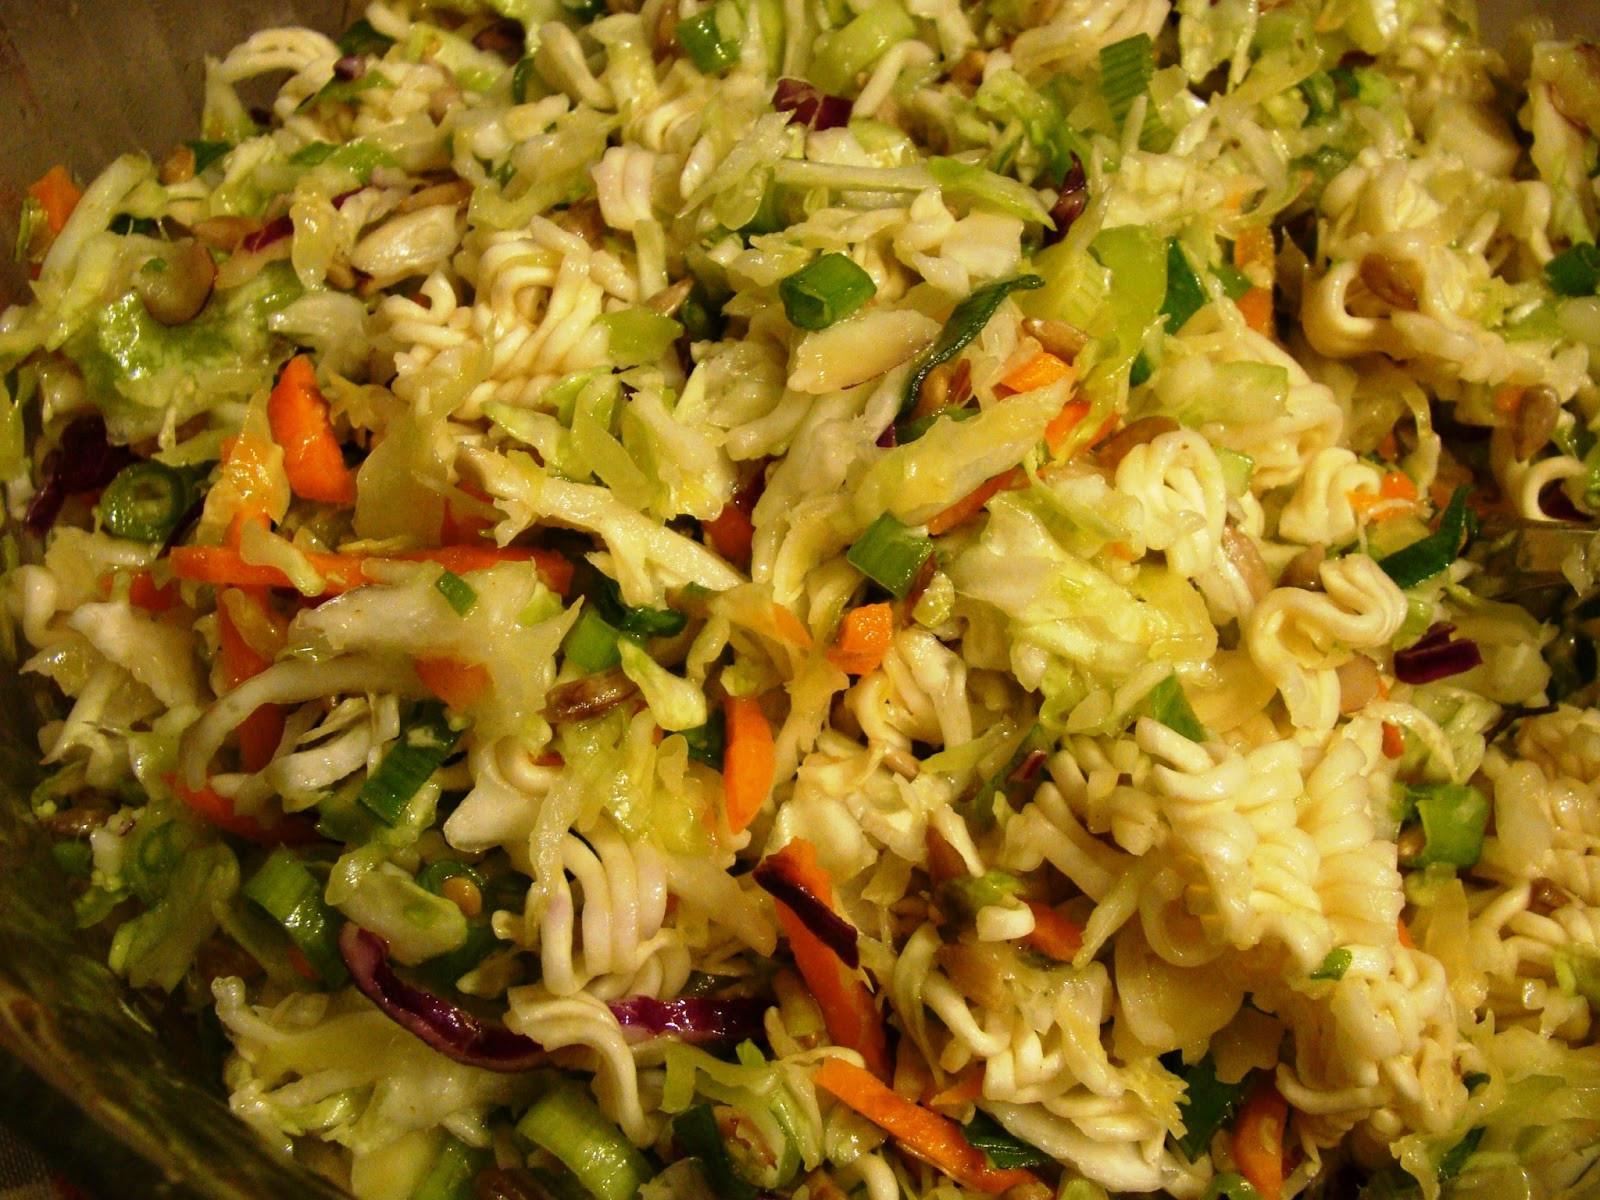 Oriental Salad With Ramen Noodles  Soup Spice Everything Nice Oriental Ramen Noodle Salad